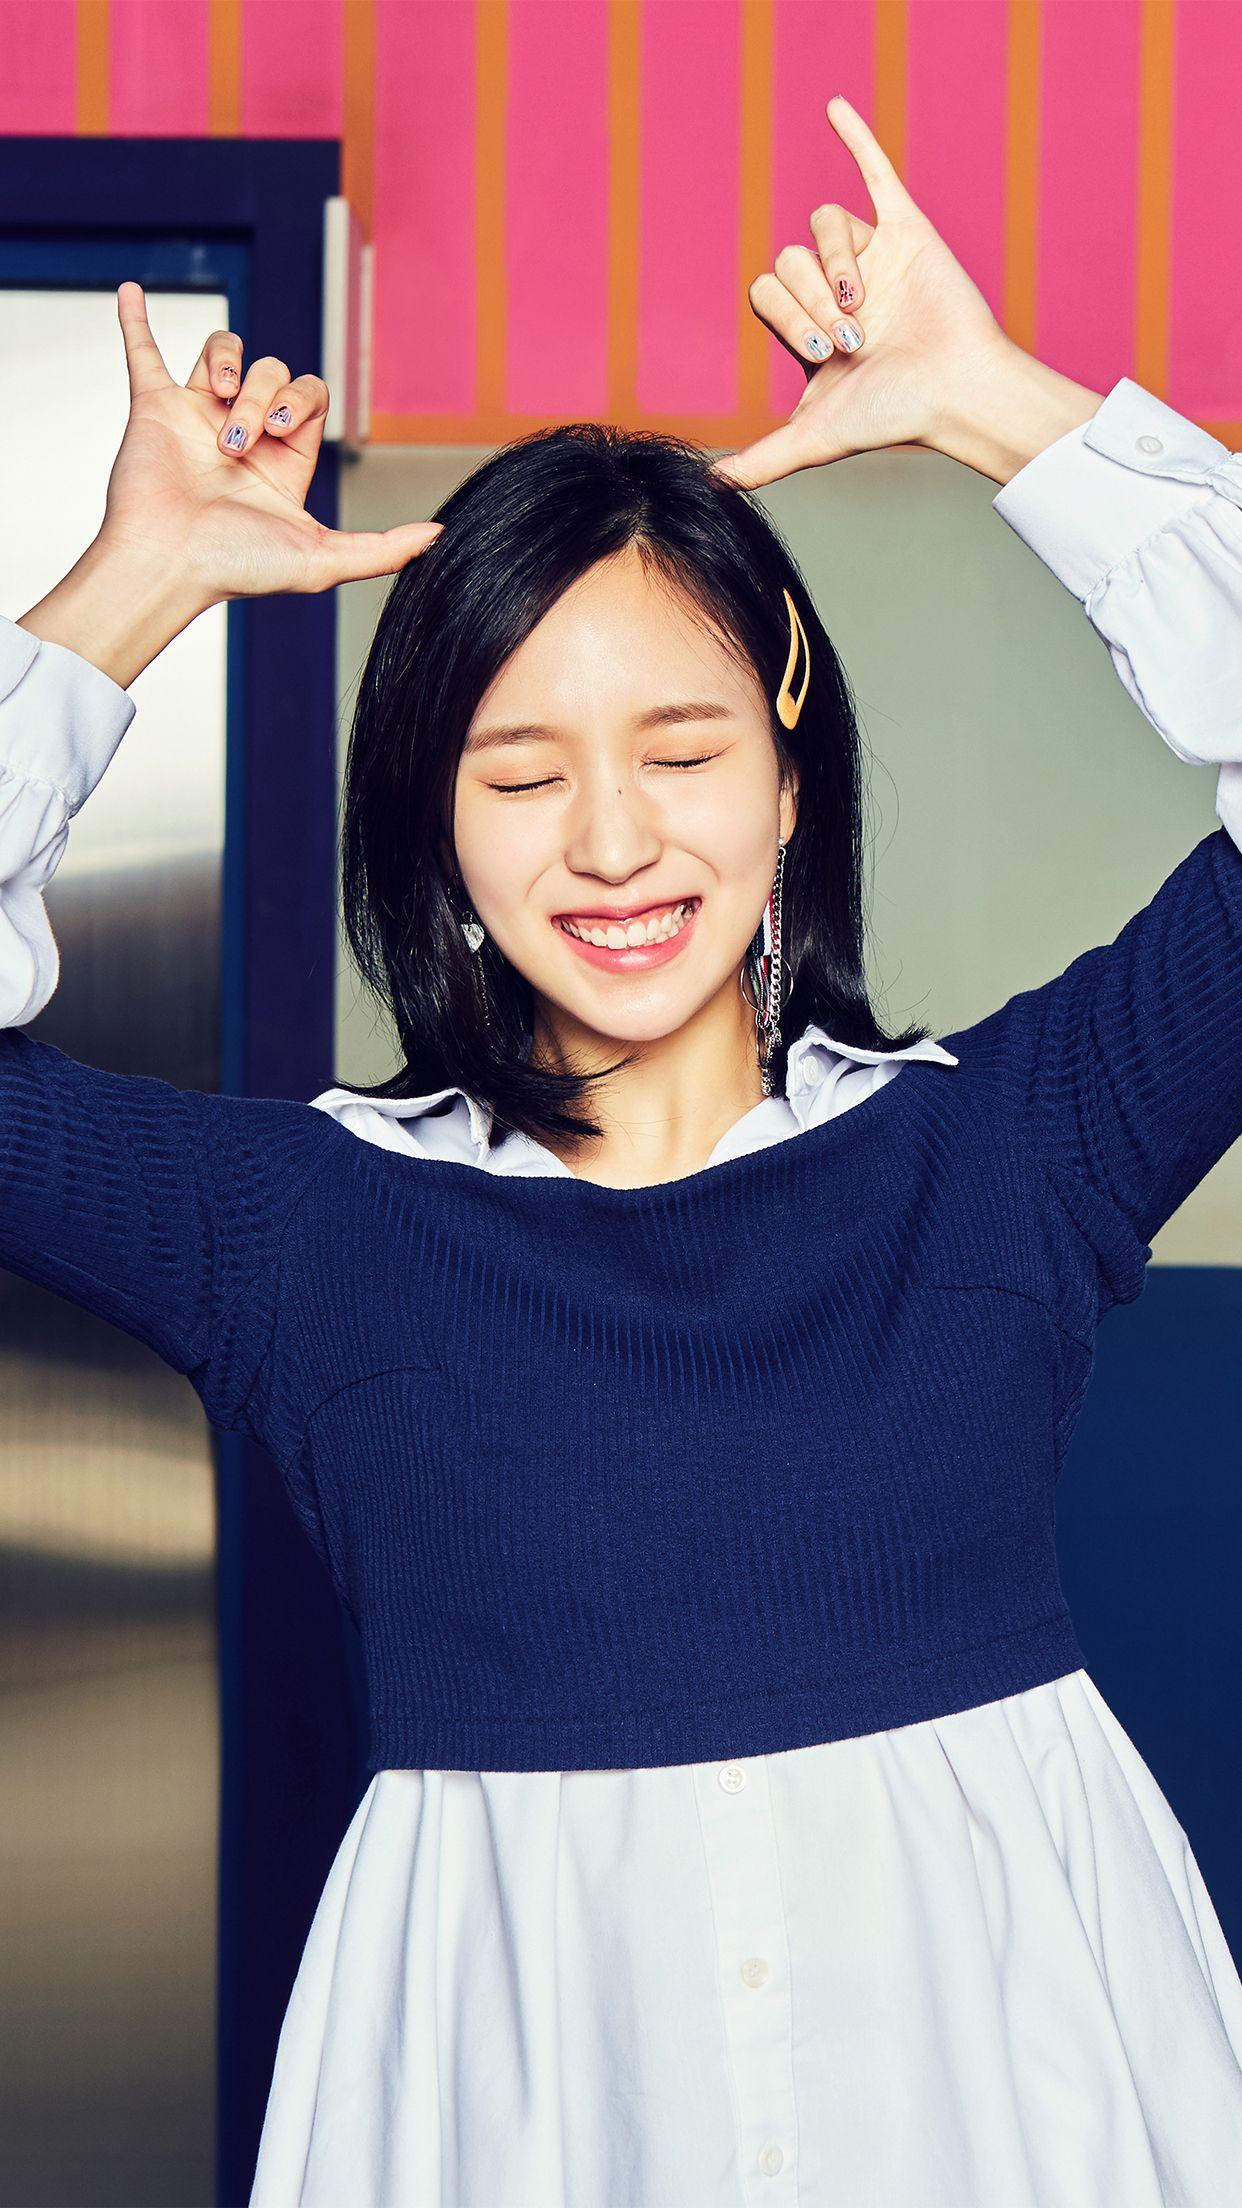 Iphone Wallpaper Twice 트와이스 Mina 미나 Kpop